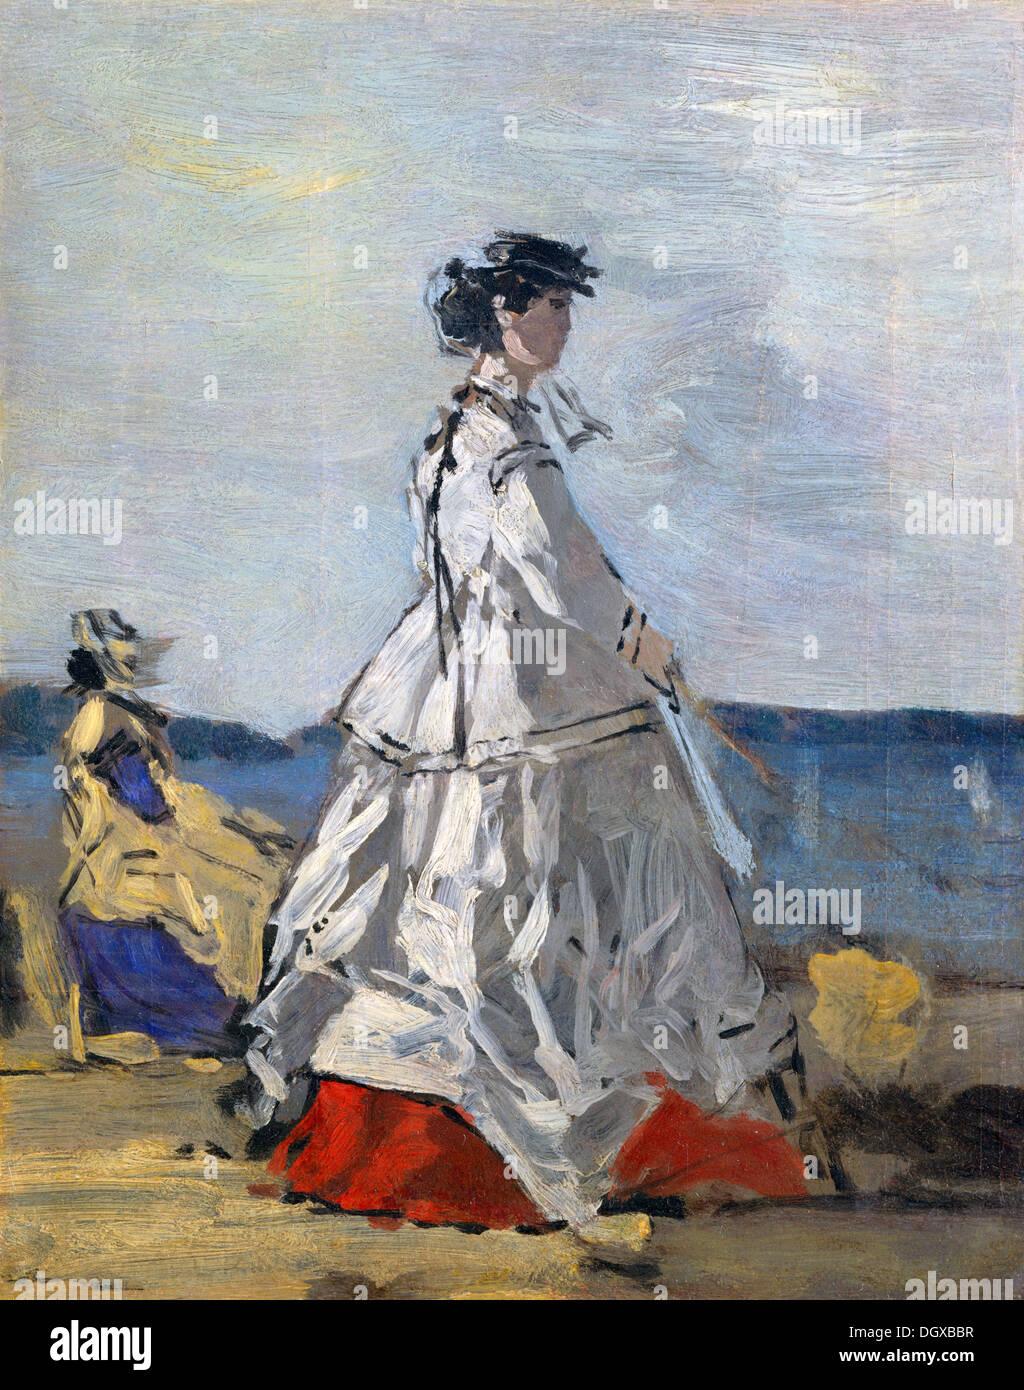 Fürstin Pauline Metternich am Strand - Eugène Boudin, 1865 Stockbild